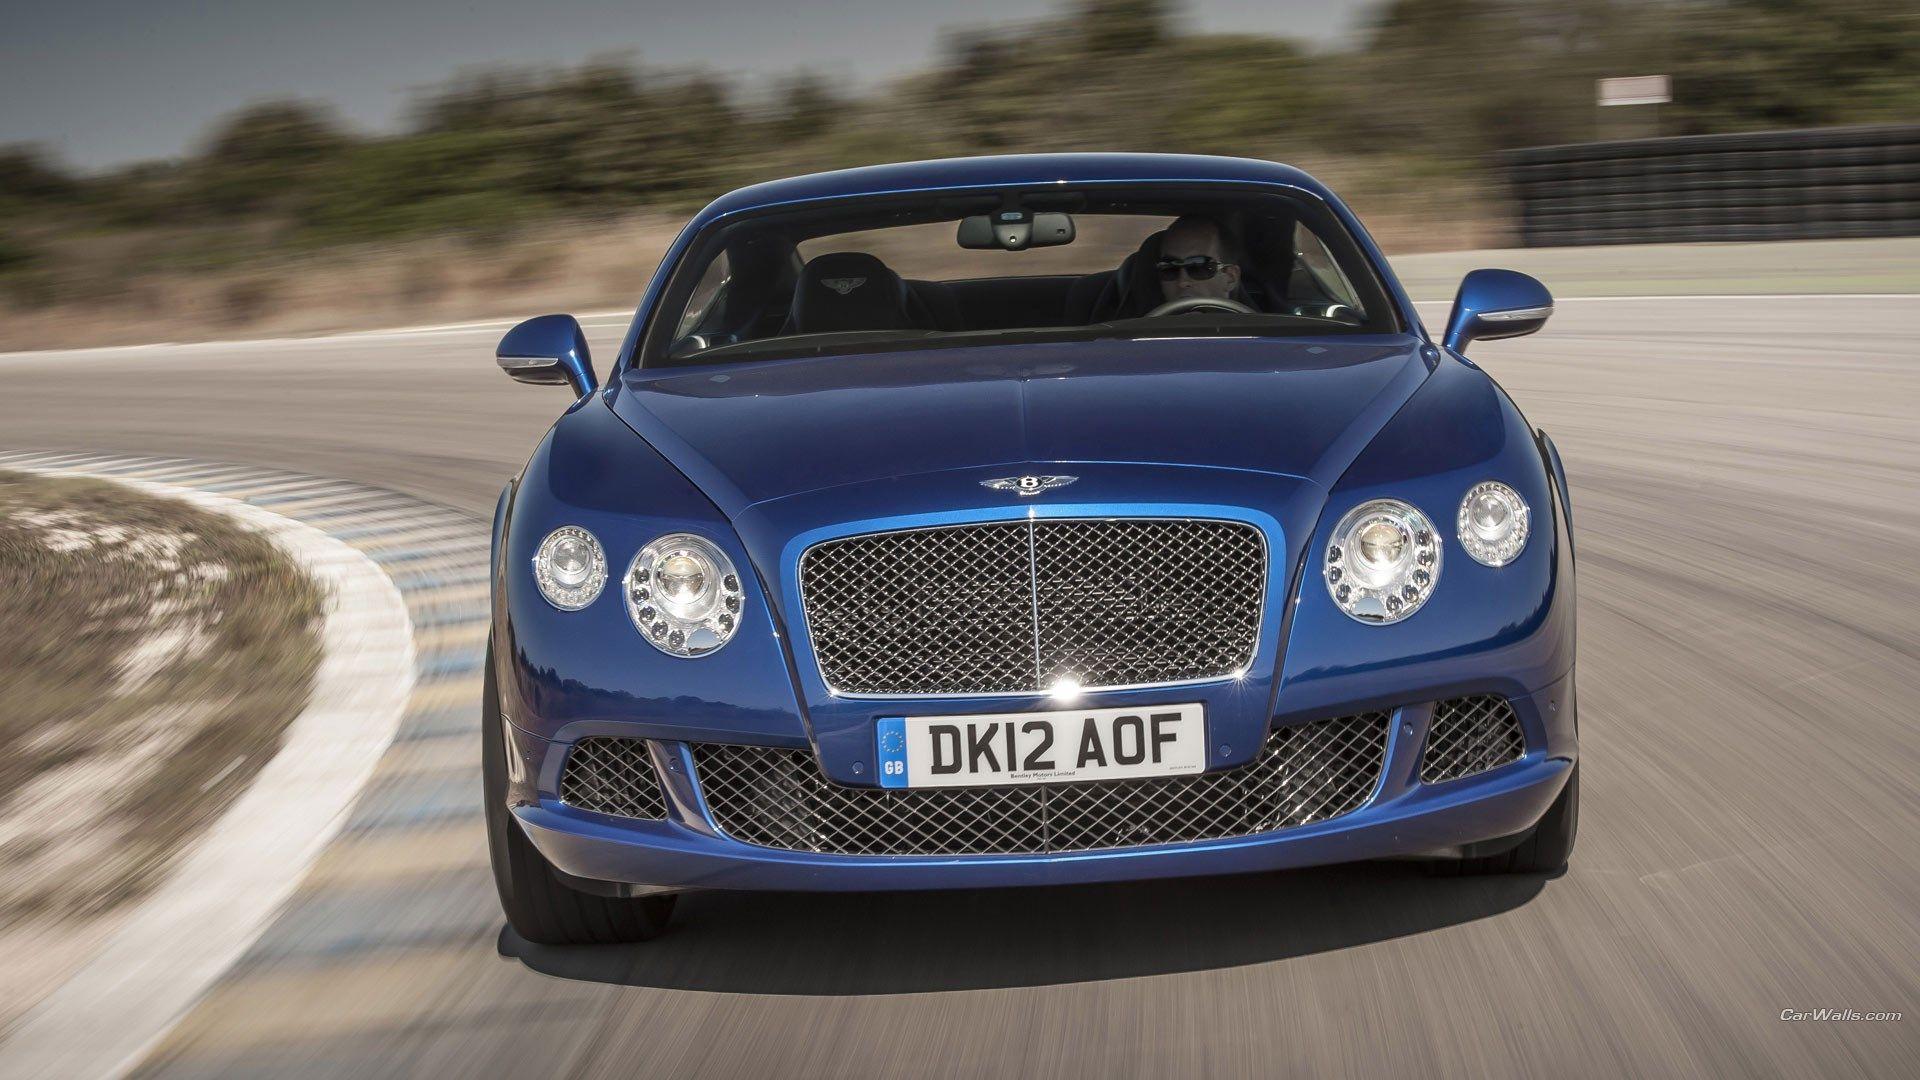 Free Desktop Wallpaper Downloads Bentley Continental Gt Speed